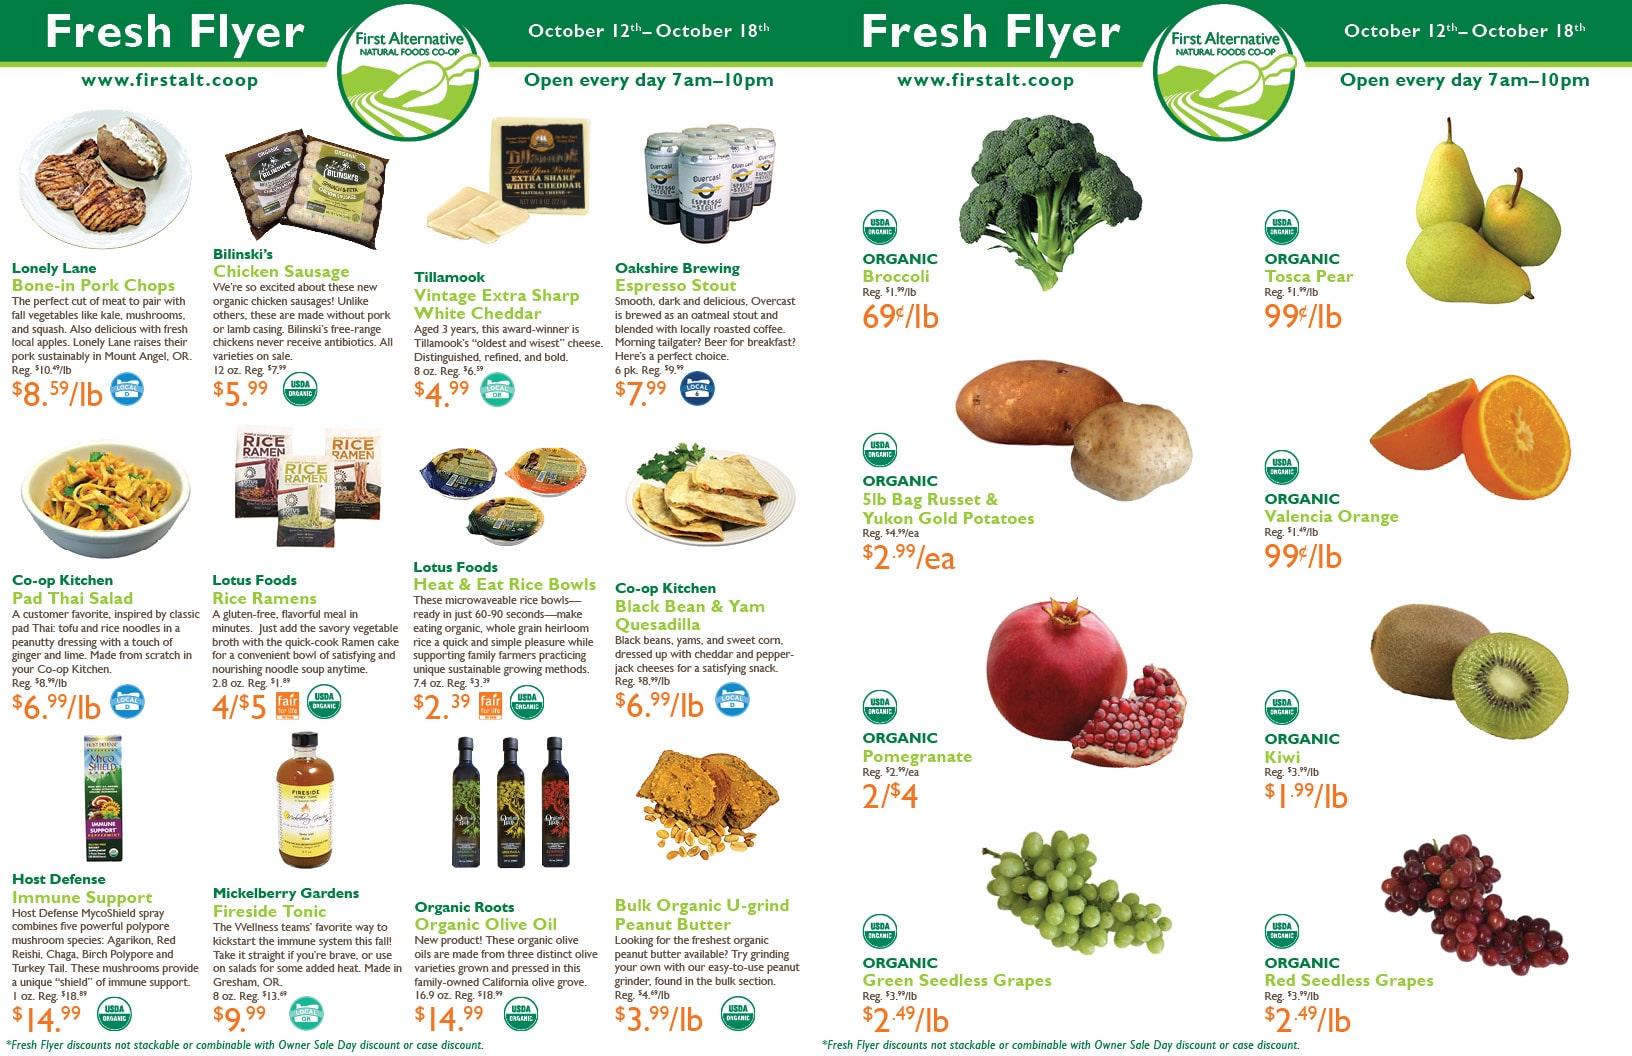 First Alternative Co-op Fresh Flyer October 12-18